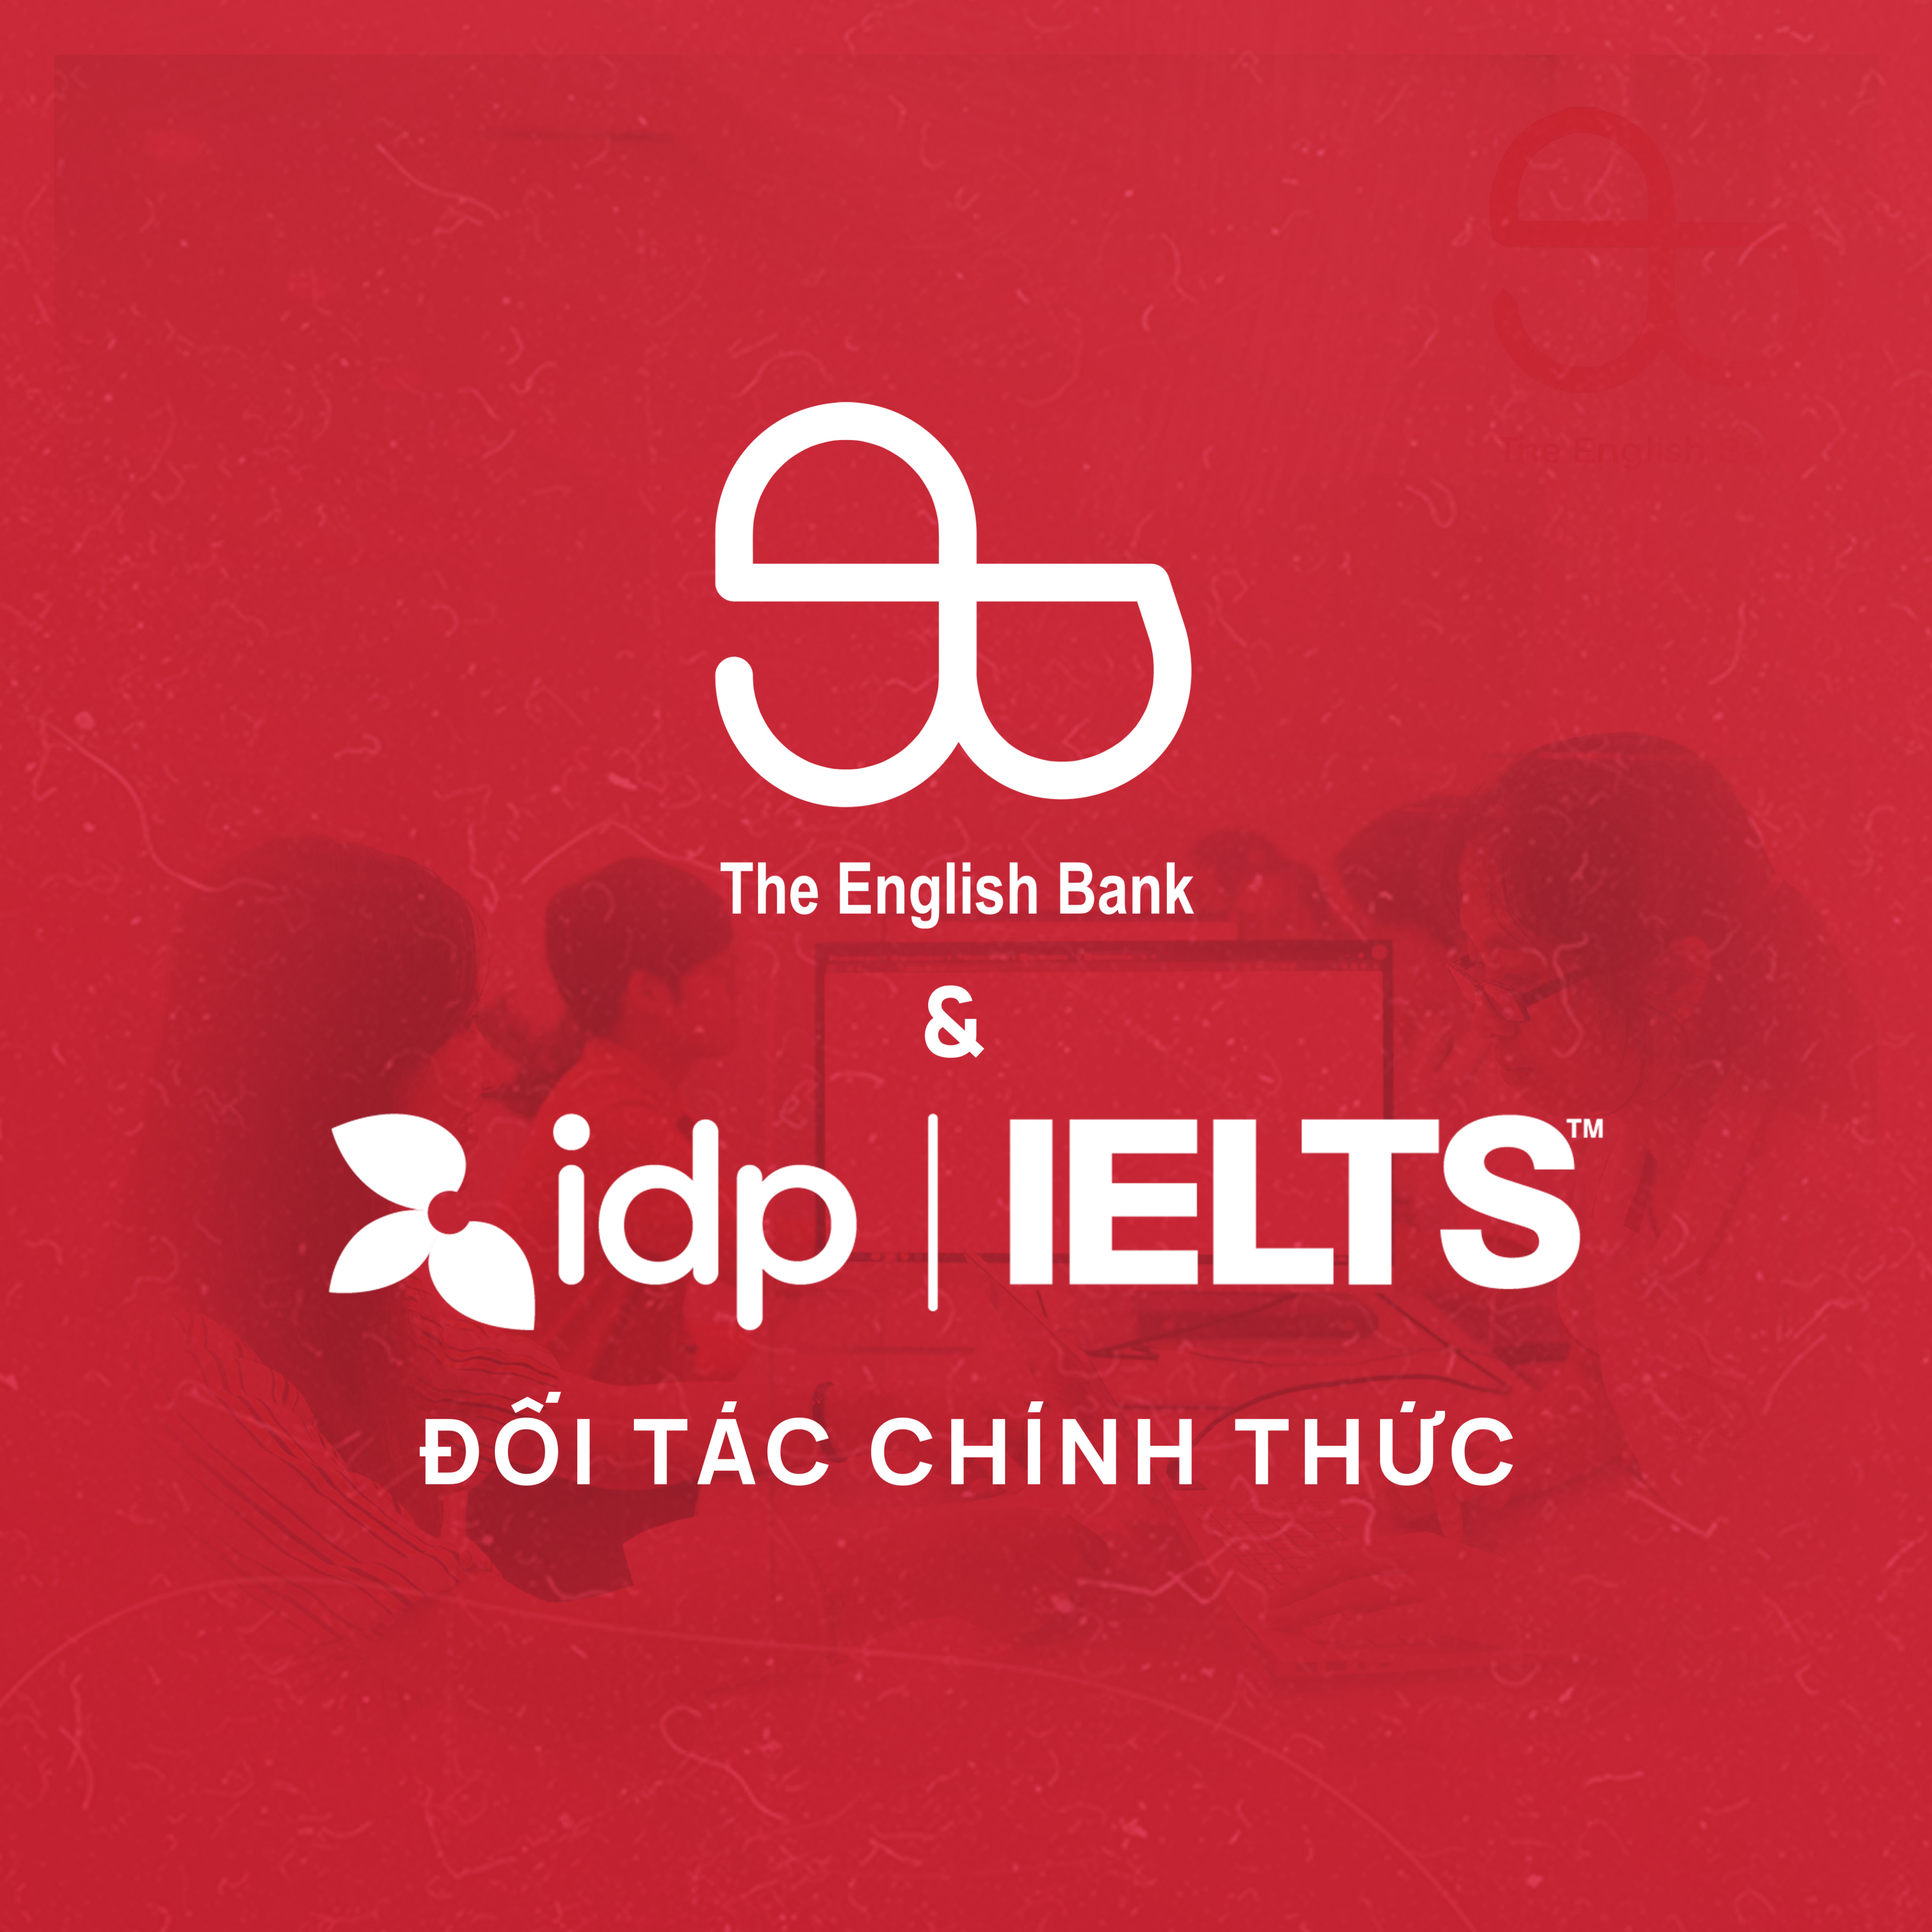 HỢP TÁC CÙNG IDP VIỆT NAM, THE ENGLISH BANK PLEIKU MANG ĐẾN TRẢI NGHIỆM THÚ VỊ CHO HỌC VIÊN